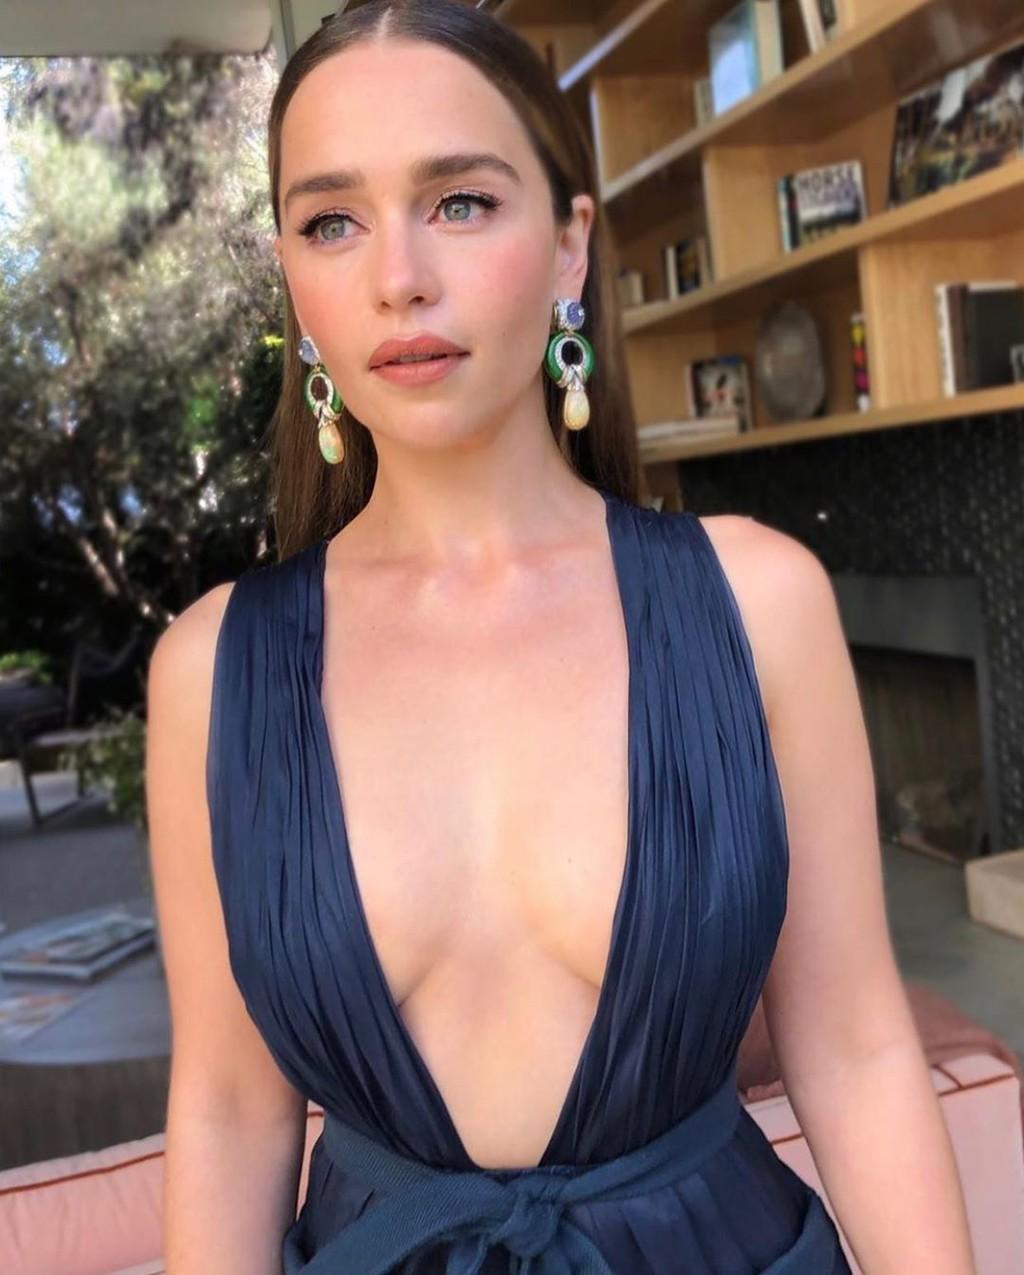 Estos han sido los secretos de belleza de 19 celebrities que han posado en la alfombra roja de los Premios Emmys 2019